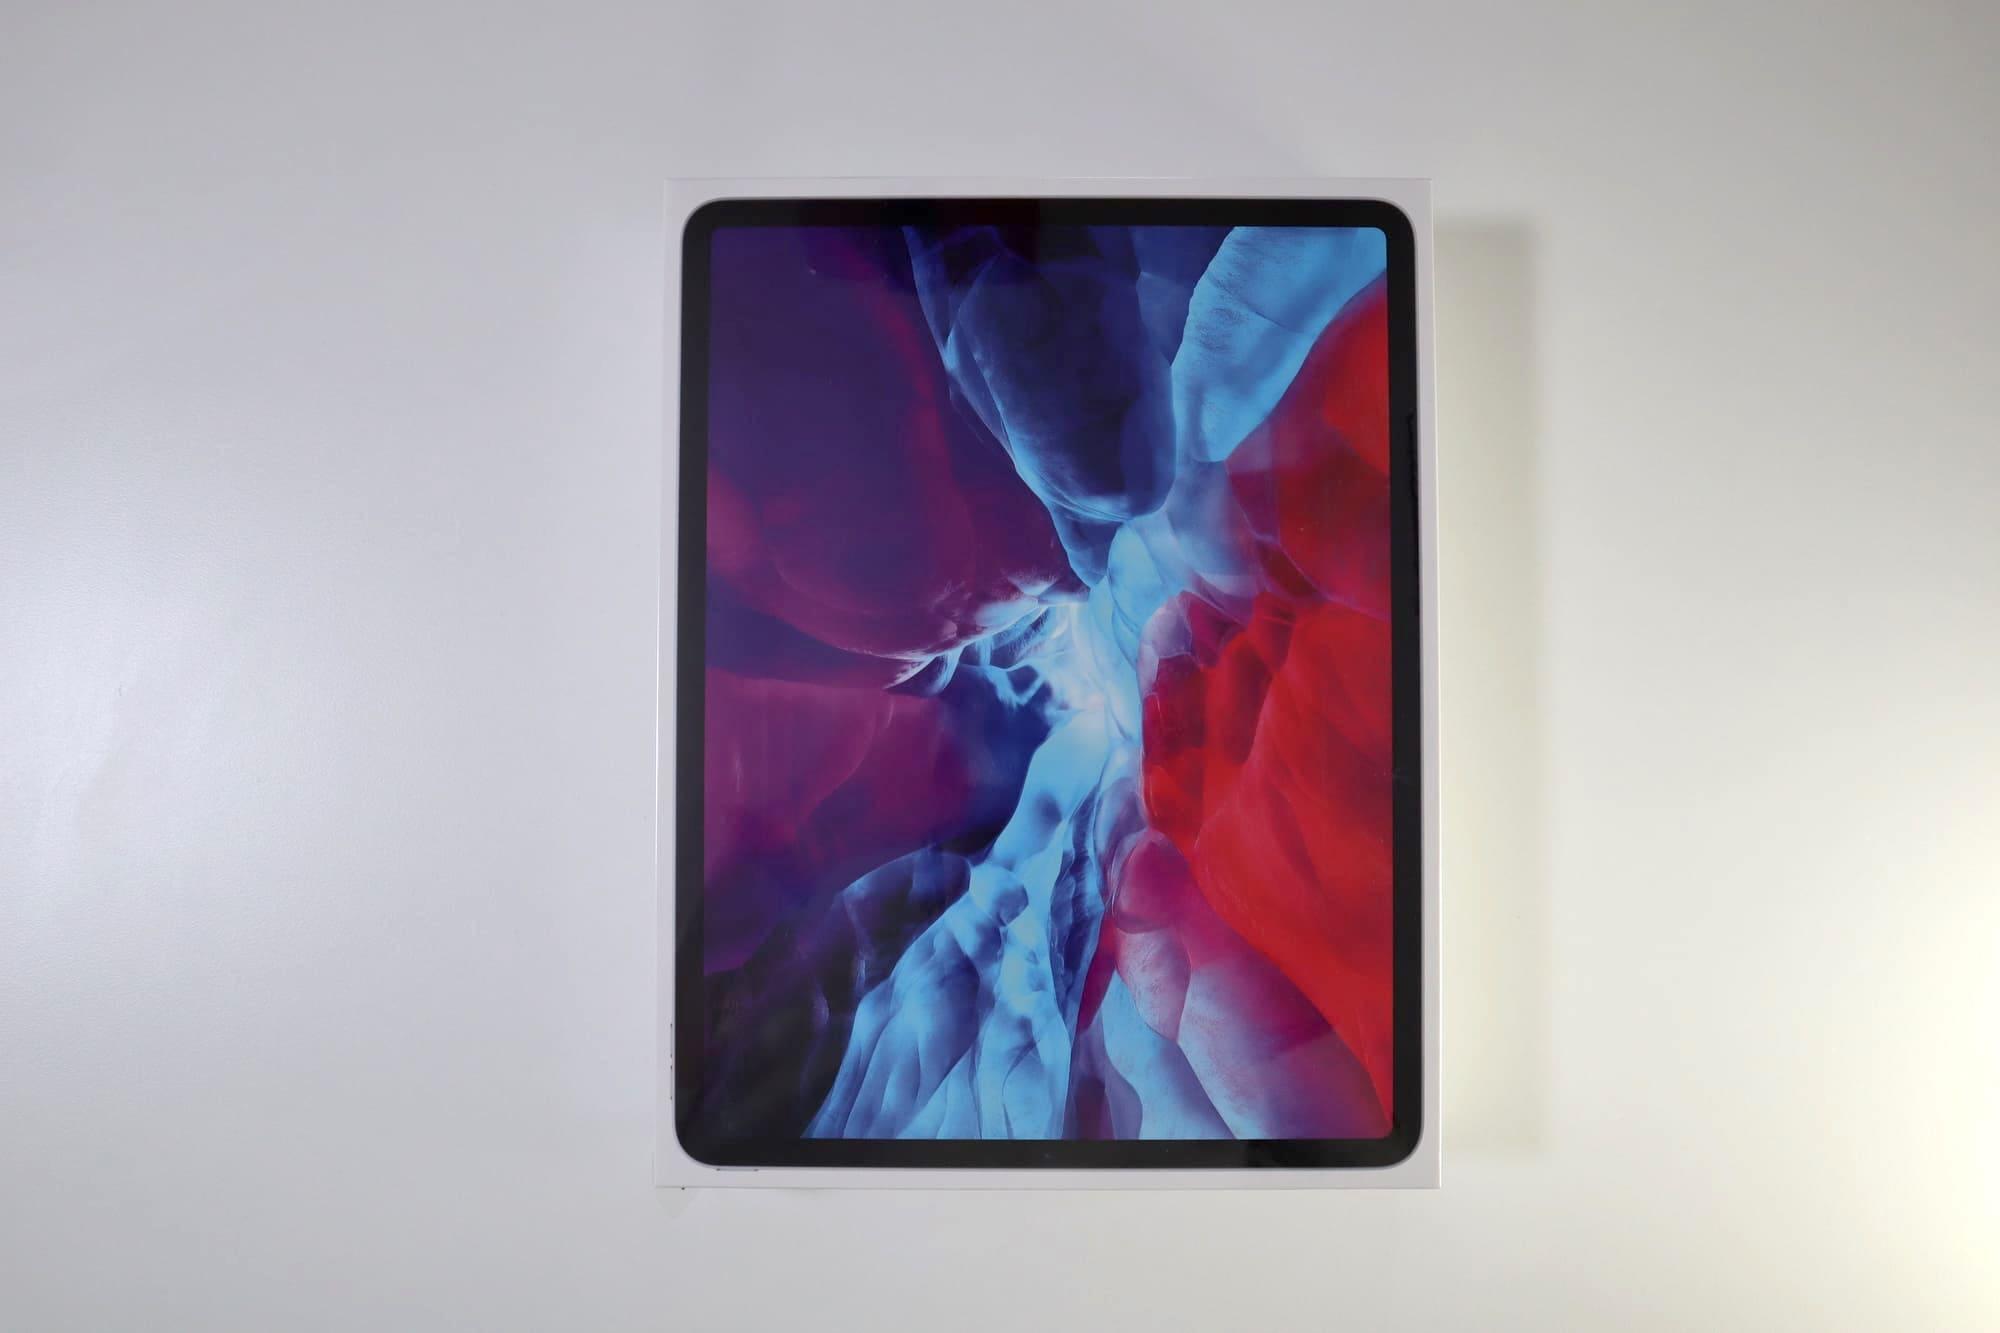 iPad Proの外箱